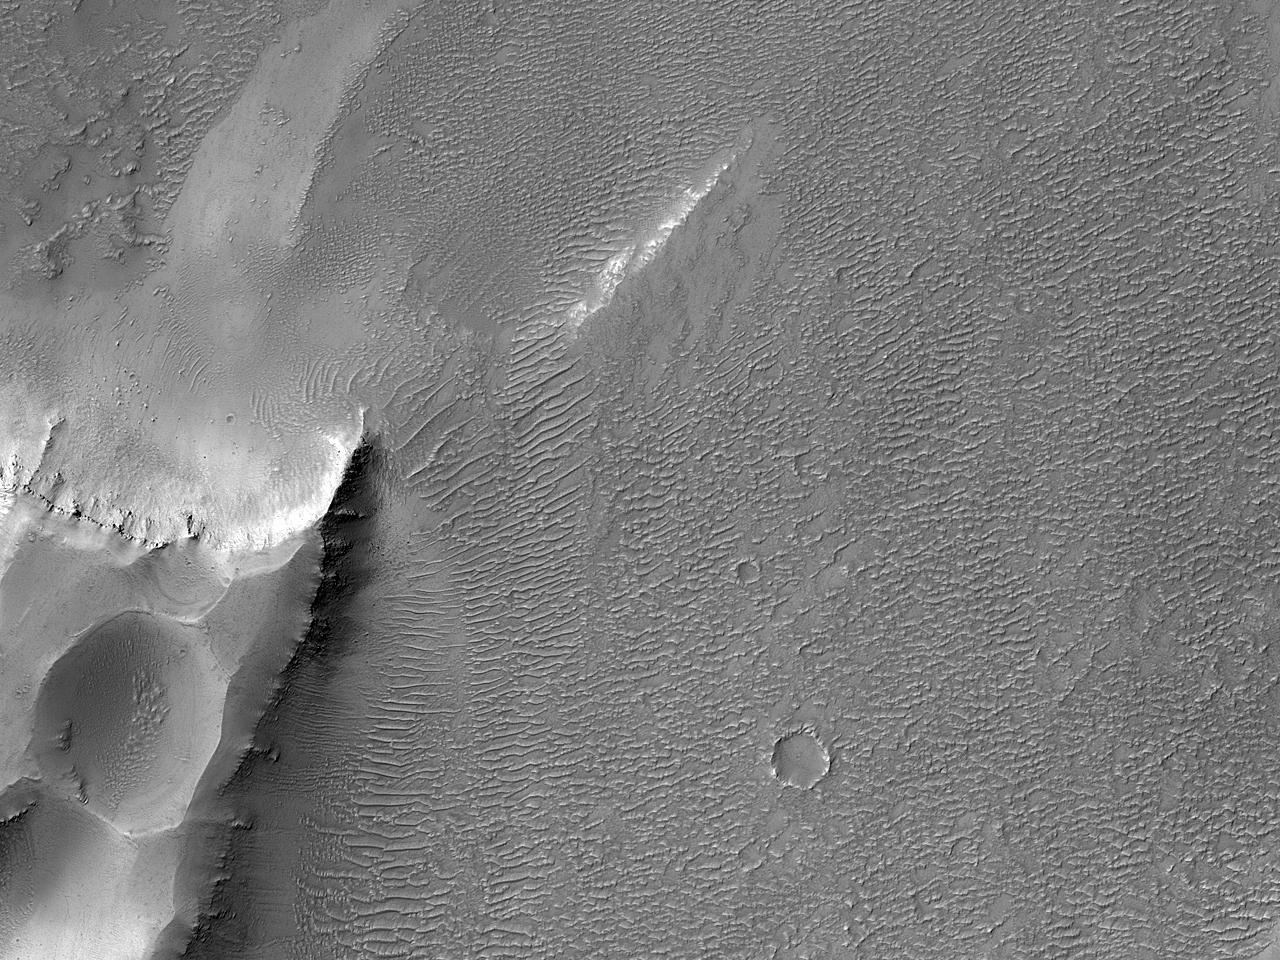 Группа впадин в каньонах Arsia Chasmata